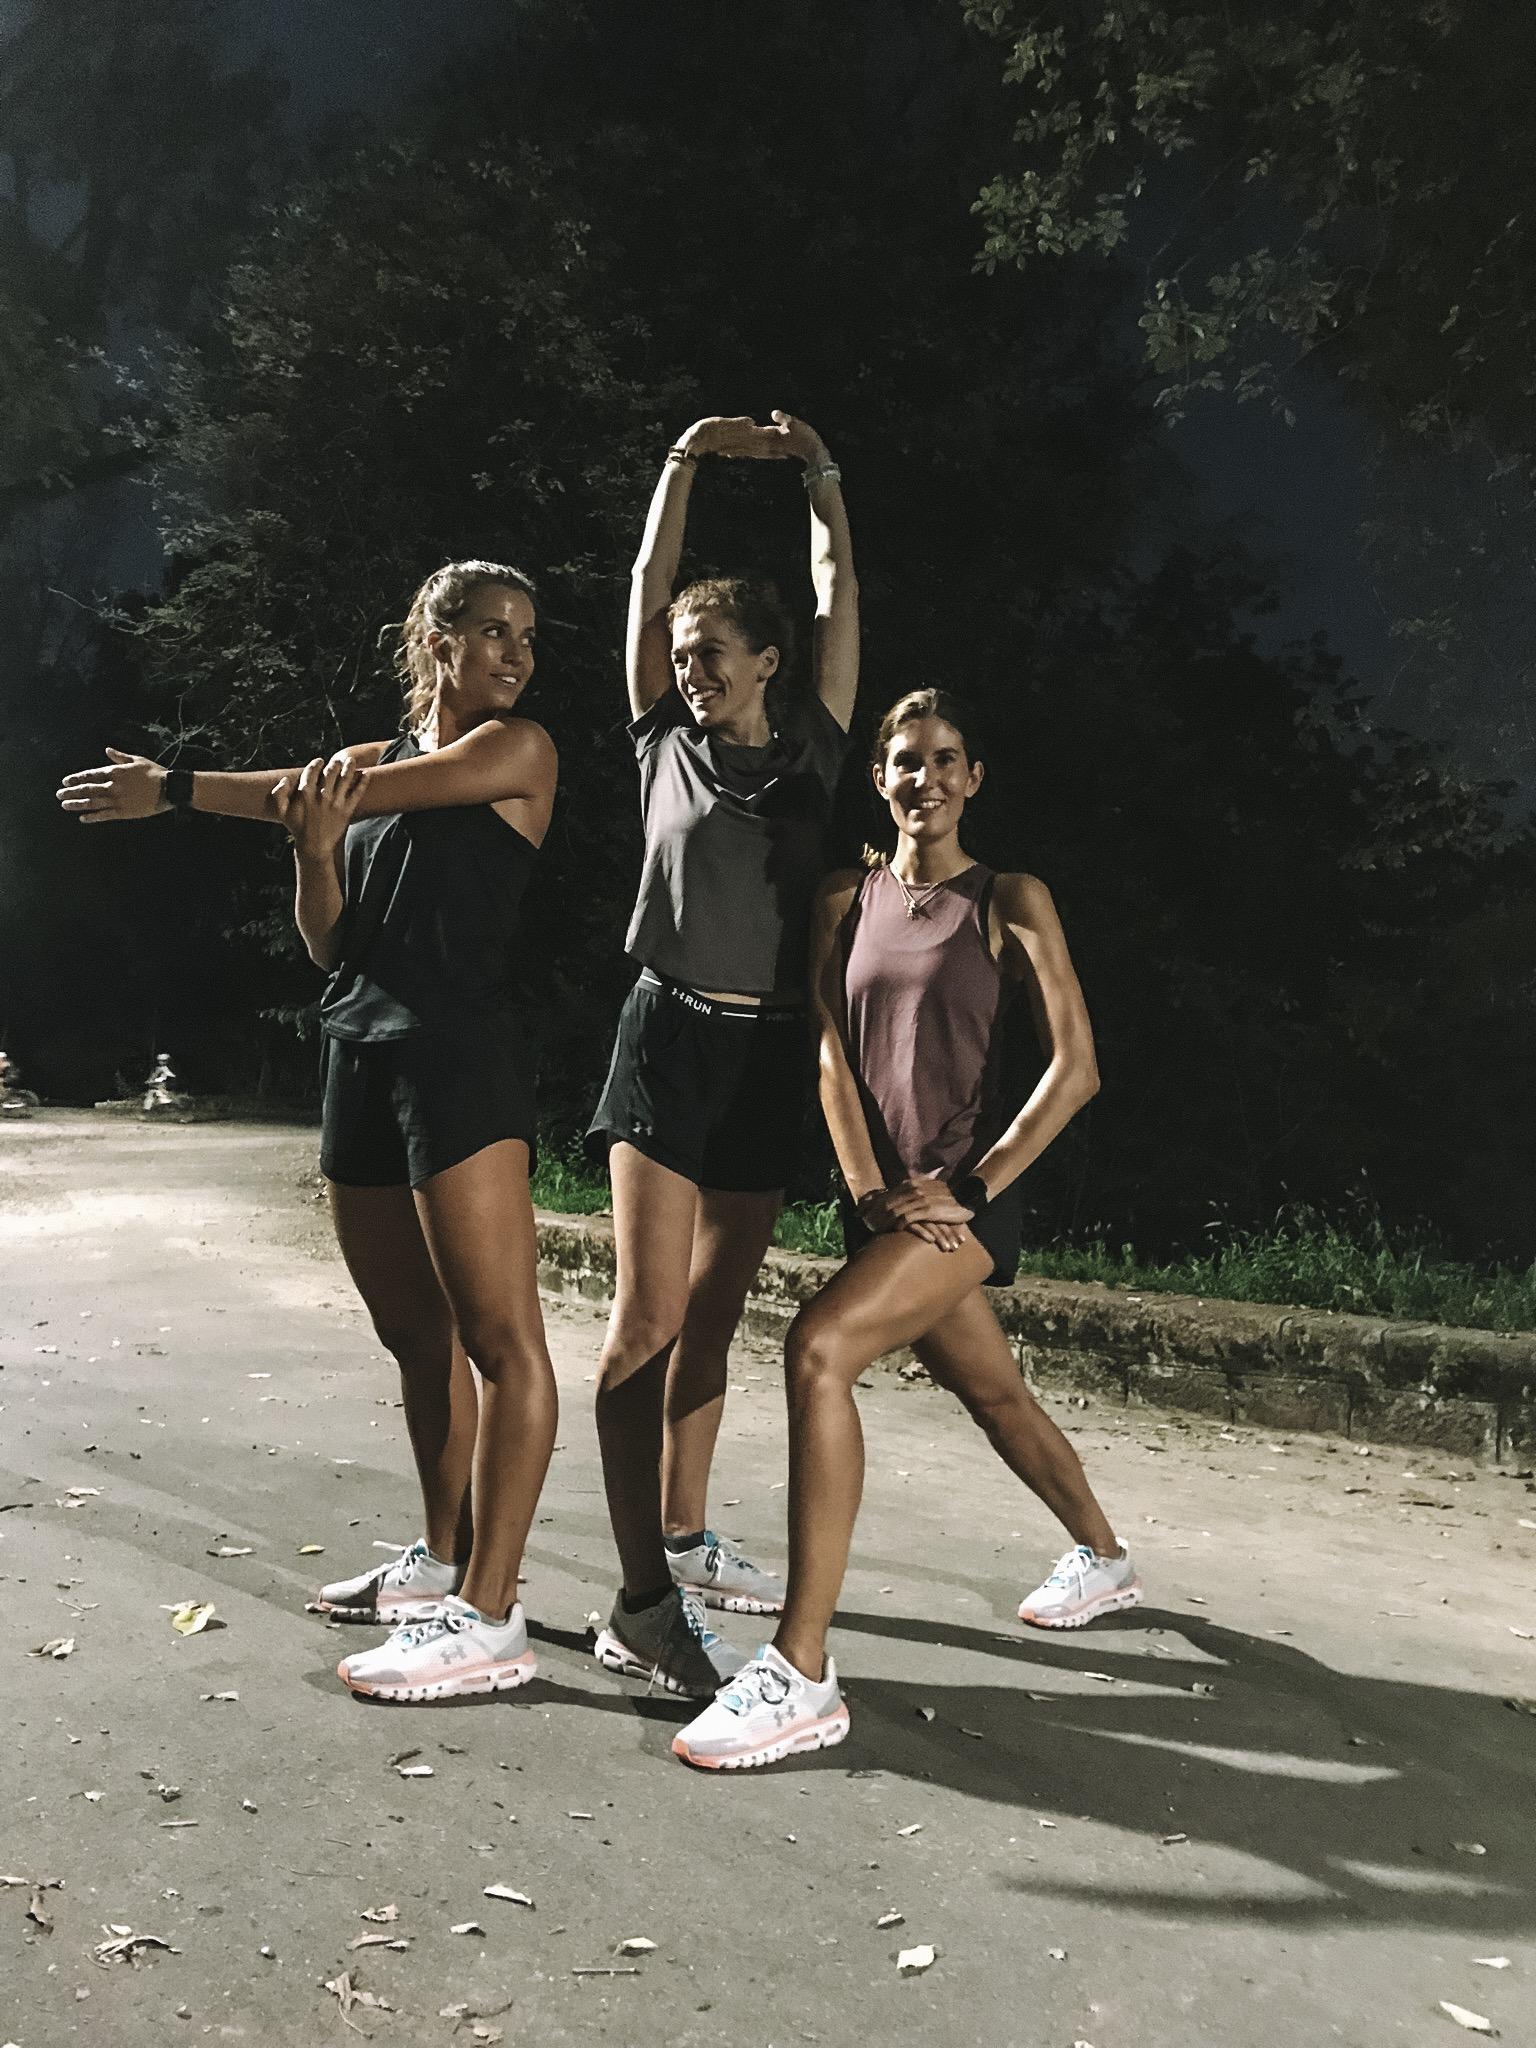 Diario di maratona: pronte a correre